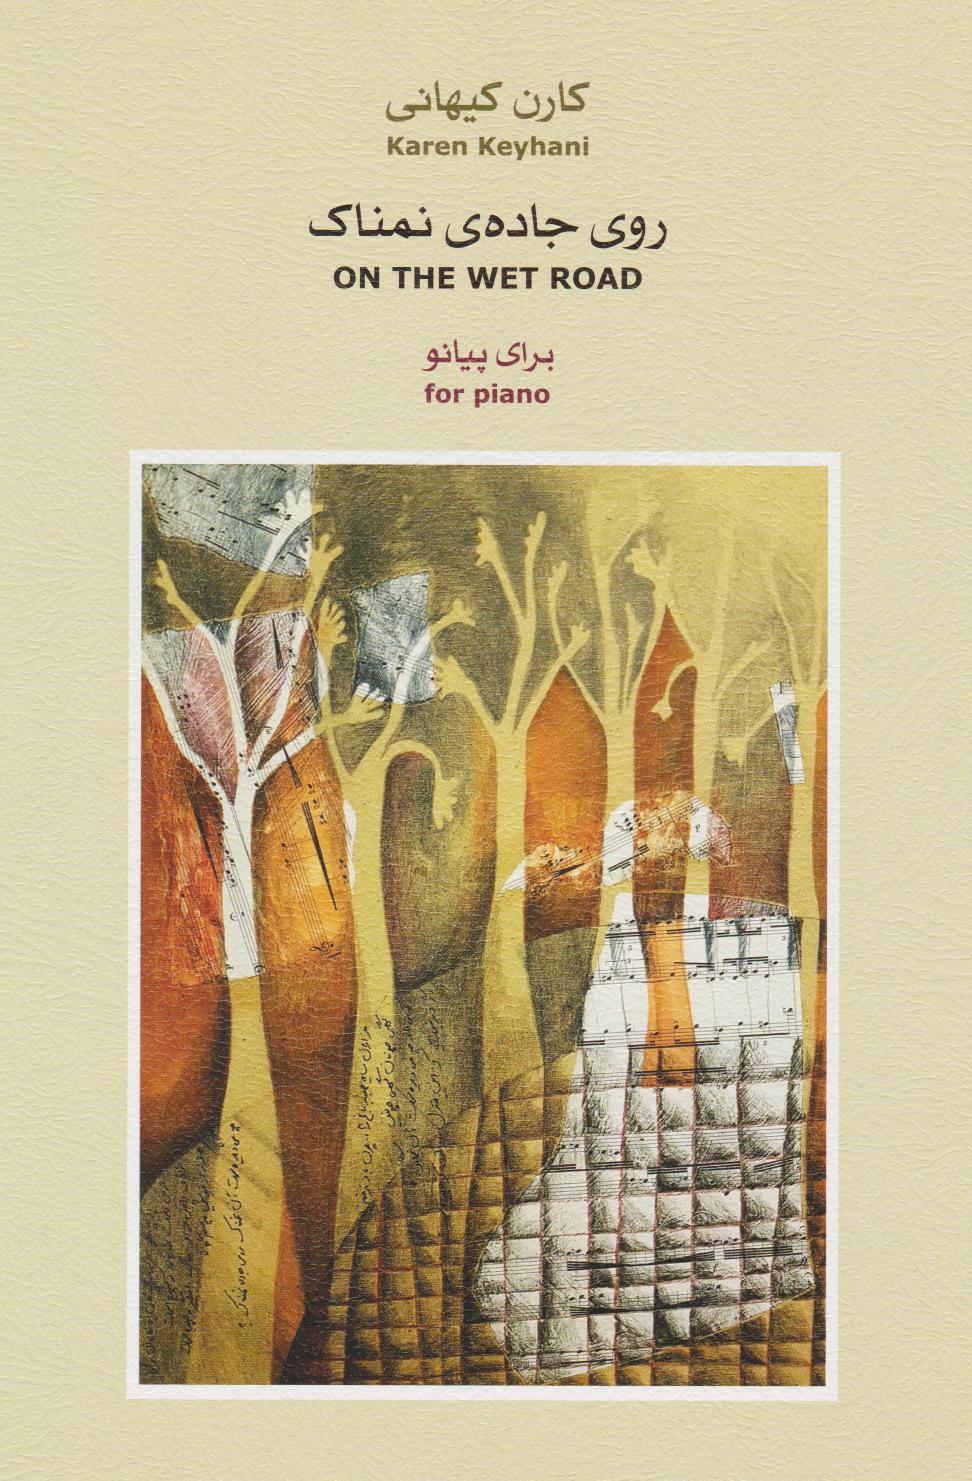 کتاب روی جادهی نمناک برای پیانو کارن کیهانی انتشارات ماهور